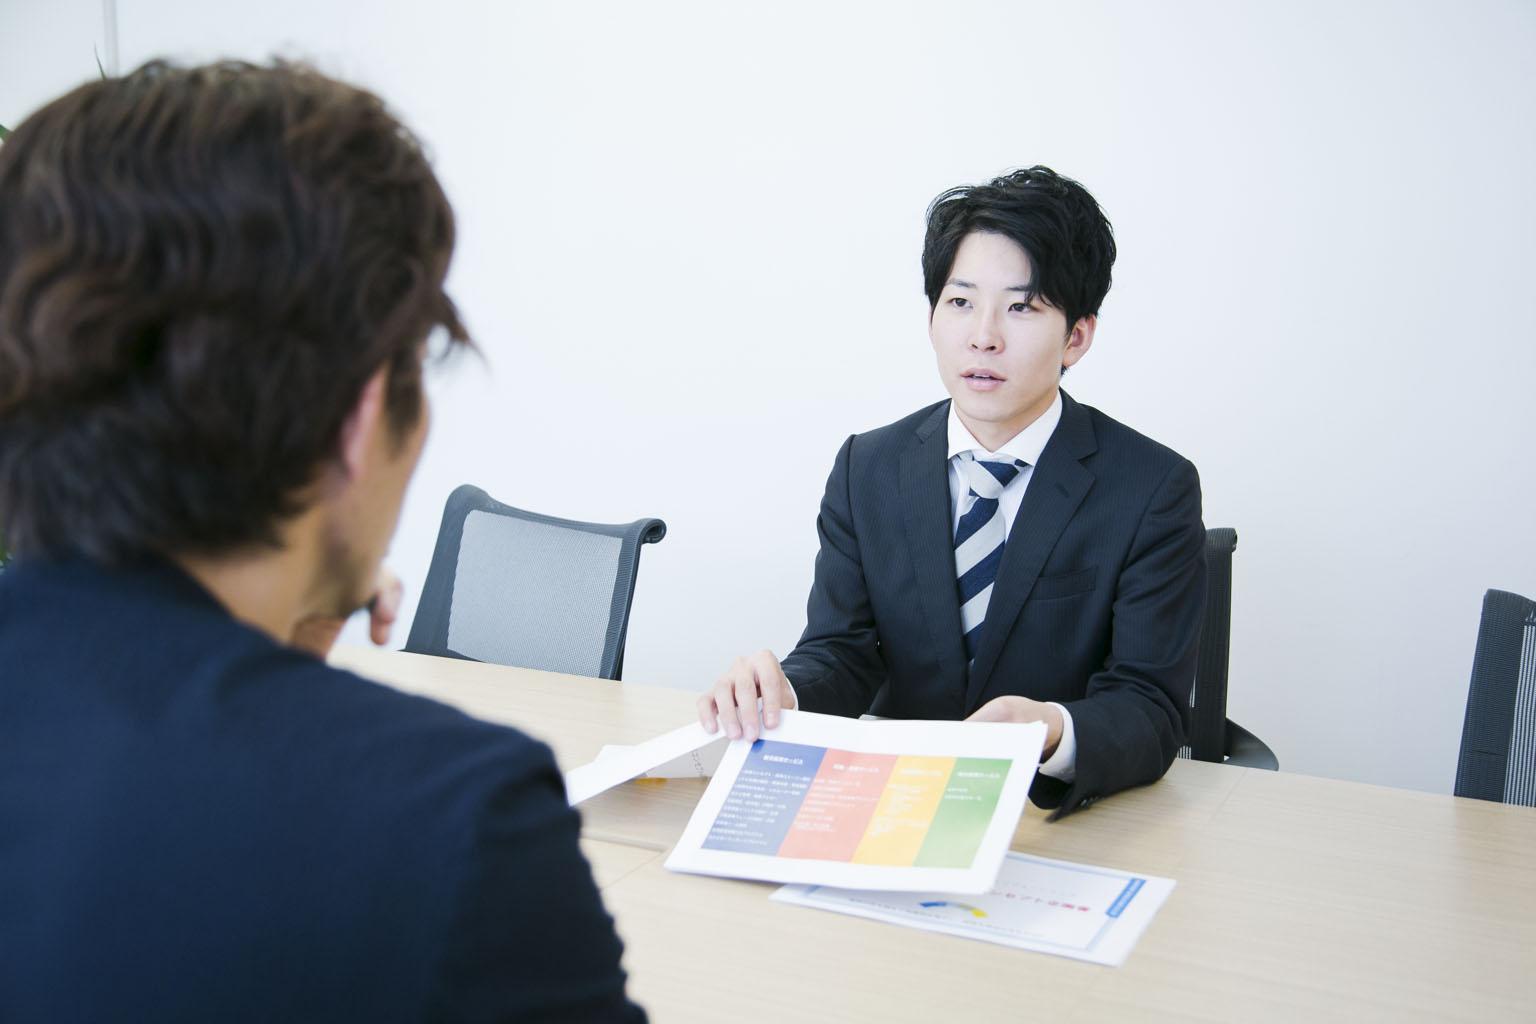 【離職のメカニズムから対策を考える】離職問題解決の糸口を見つける相談会